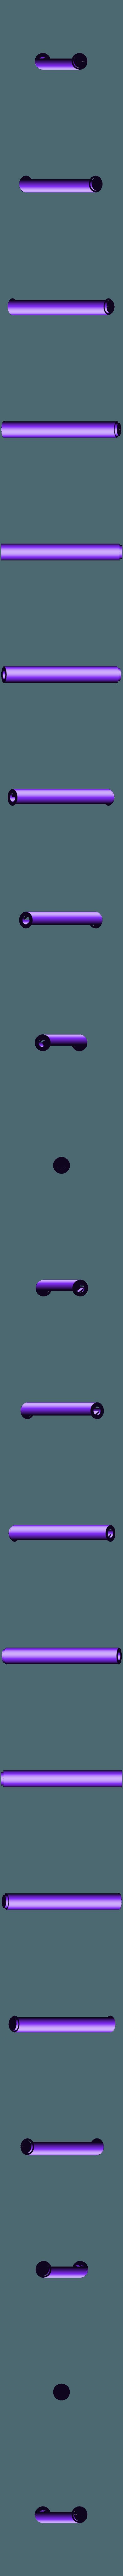 shaft.stl Télécharger fichier STL gratuit Lampe de projecteur RGB • Design imprimable en 3D, Job